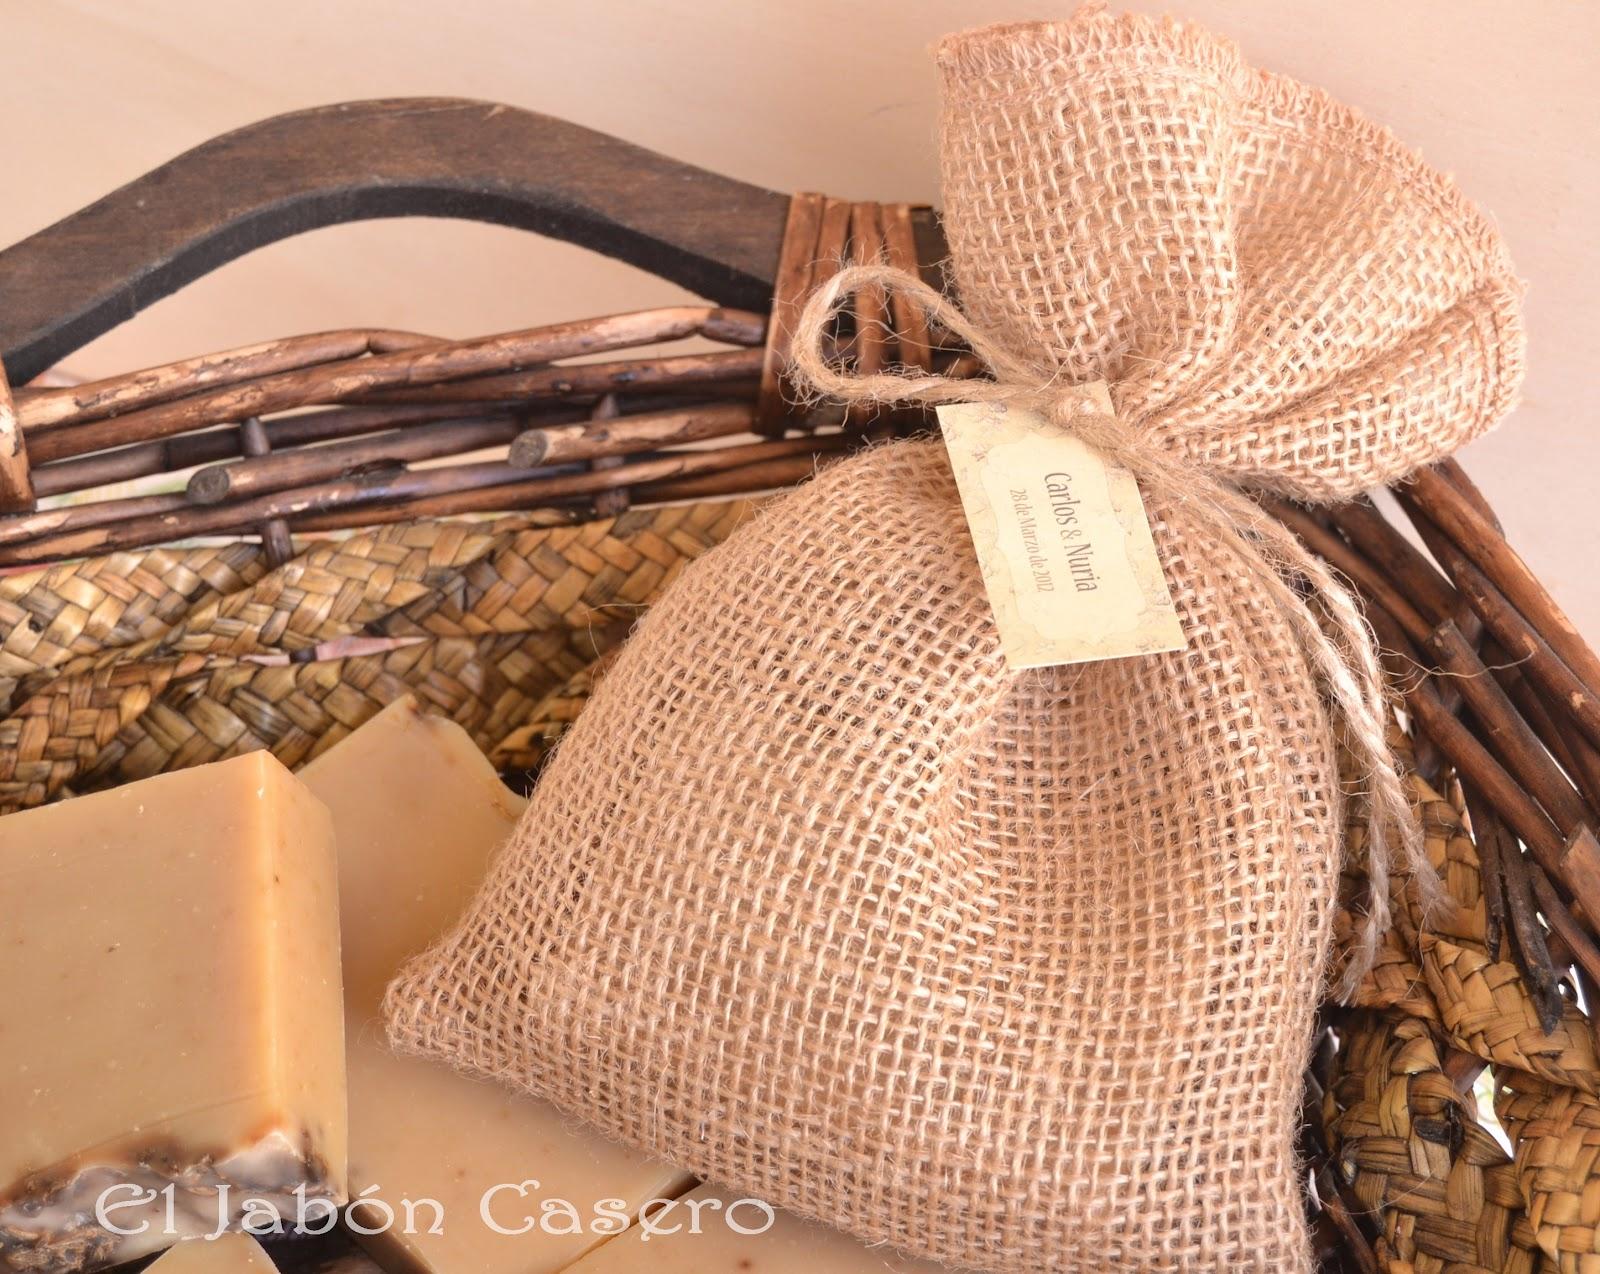 El jab n casero bolsitas de tela con jabones detalles - Saquitos de tela ...